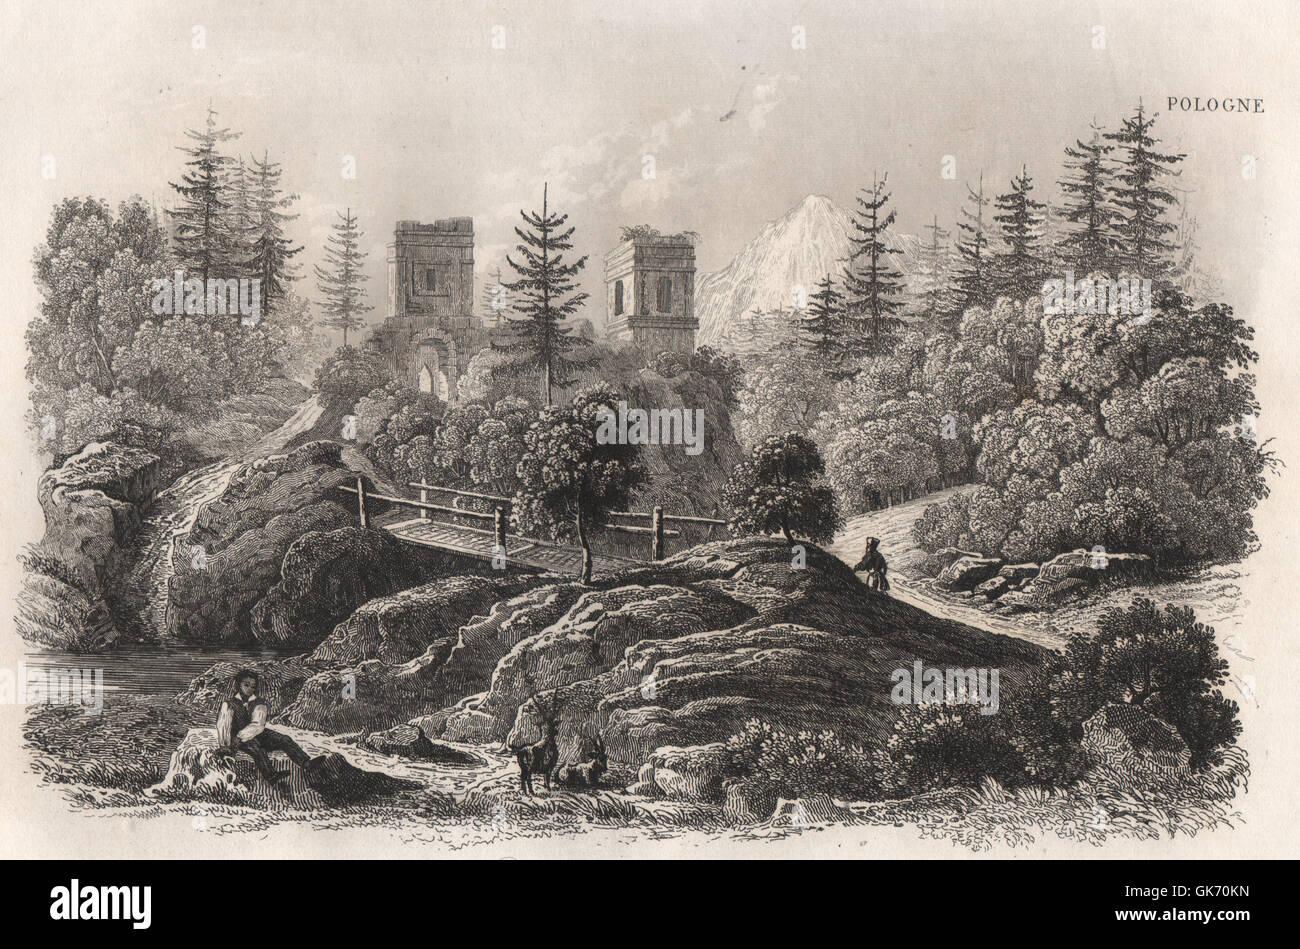 Kaluza (Maniawa). Ukraine, antique print 1836 - Stock Image